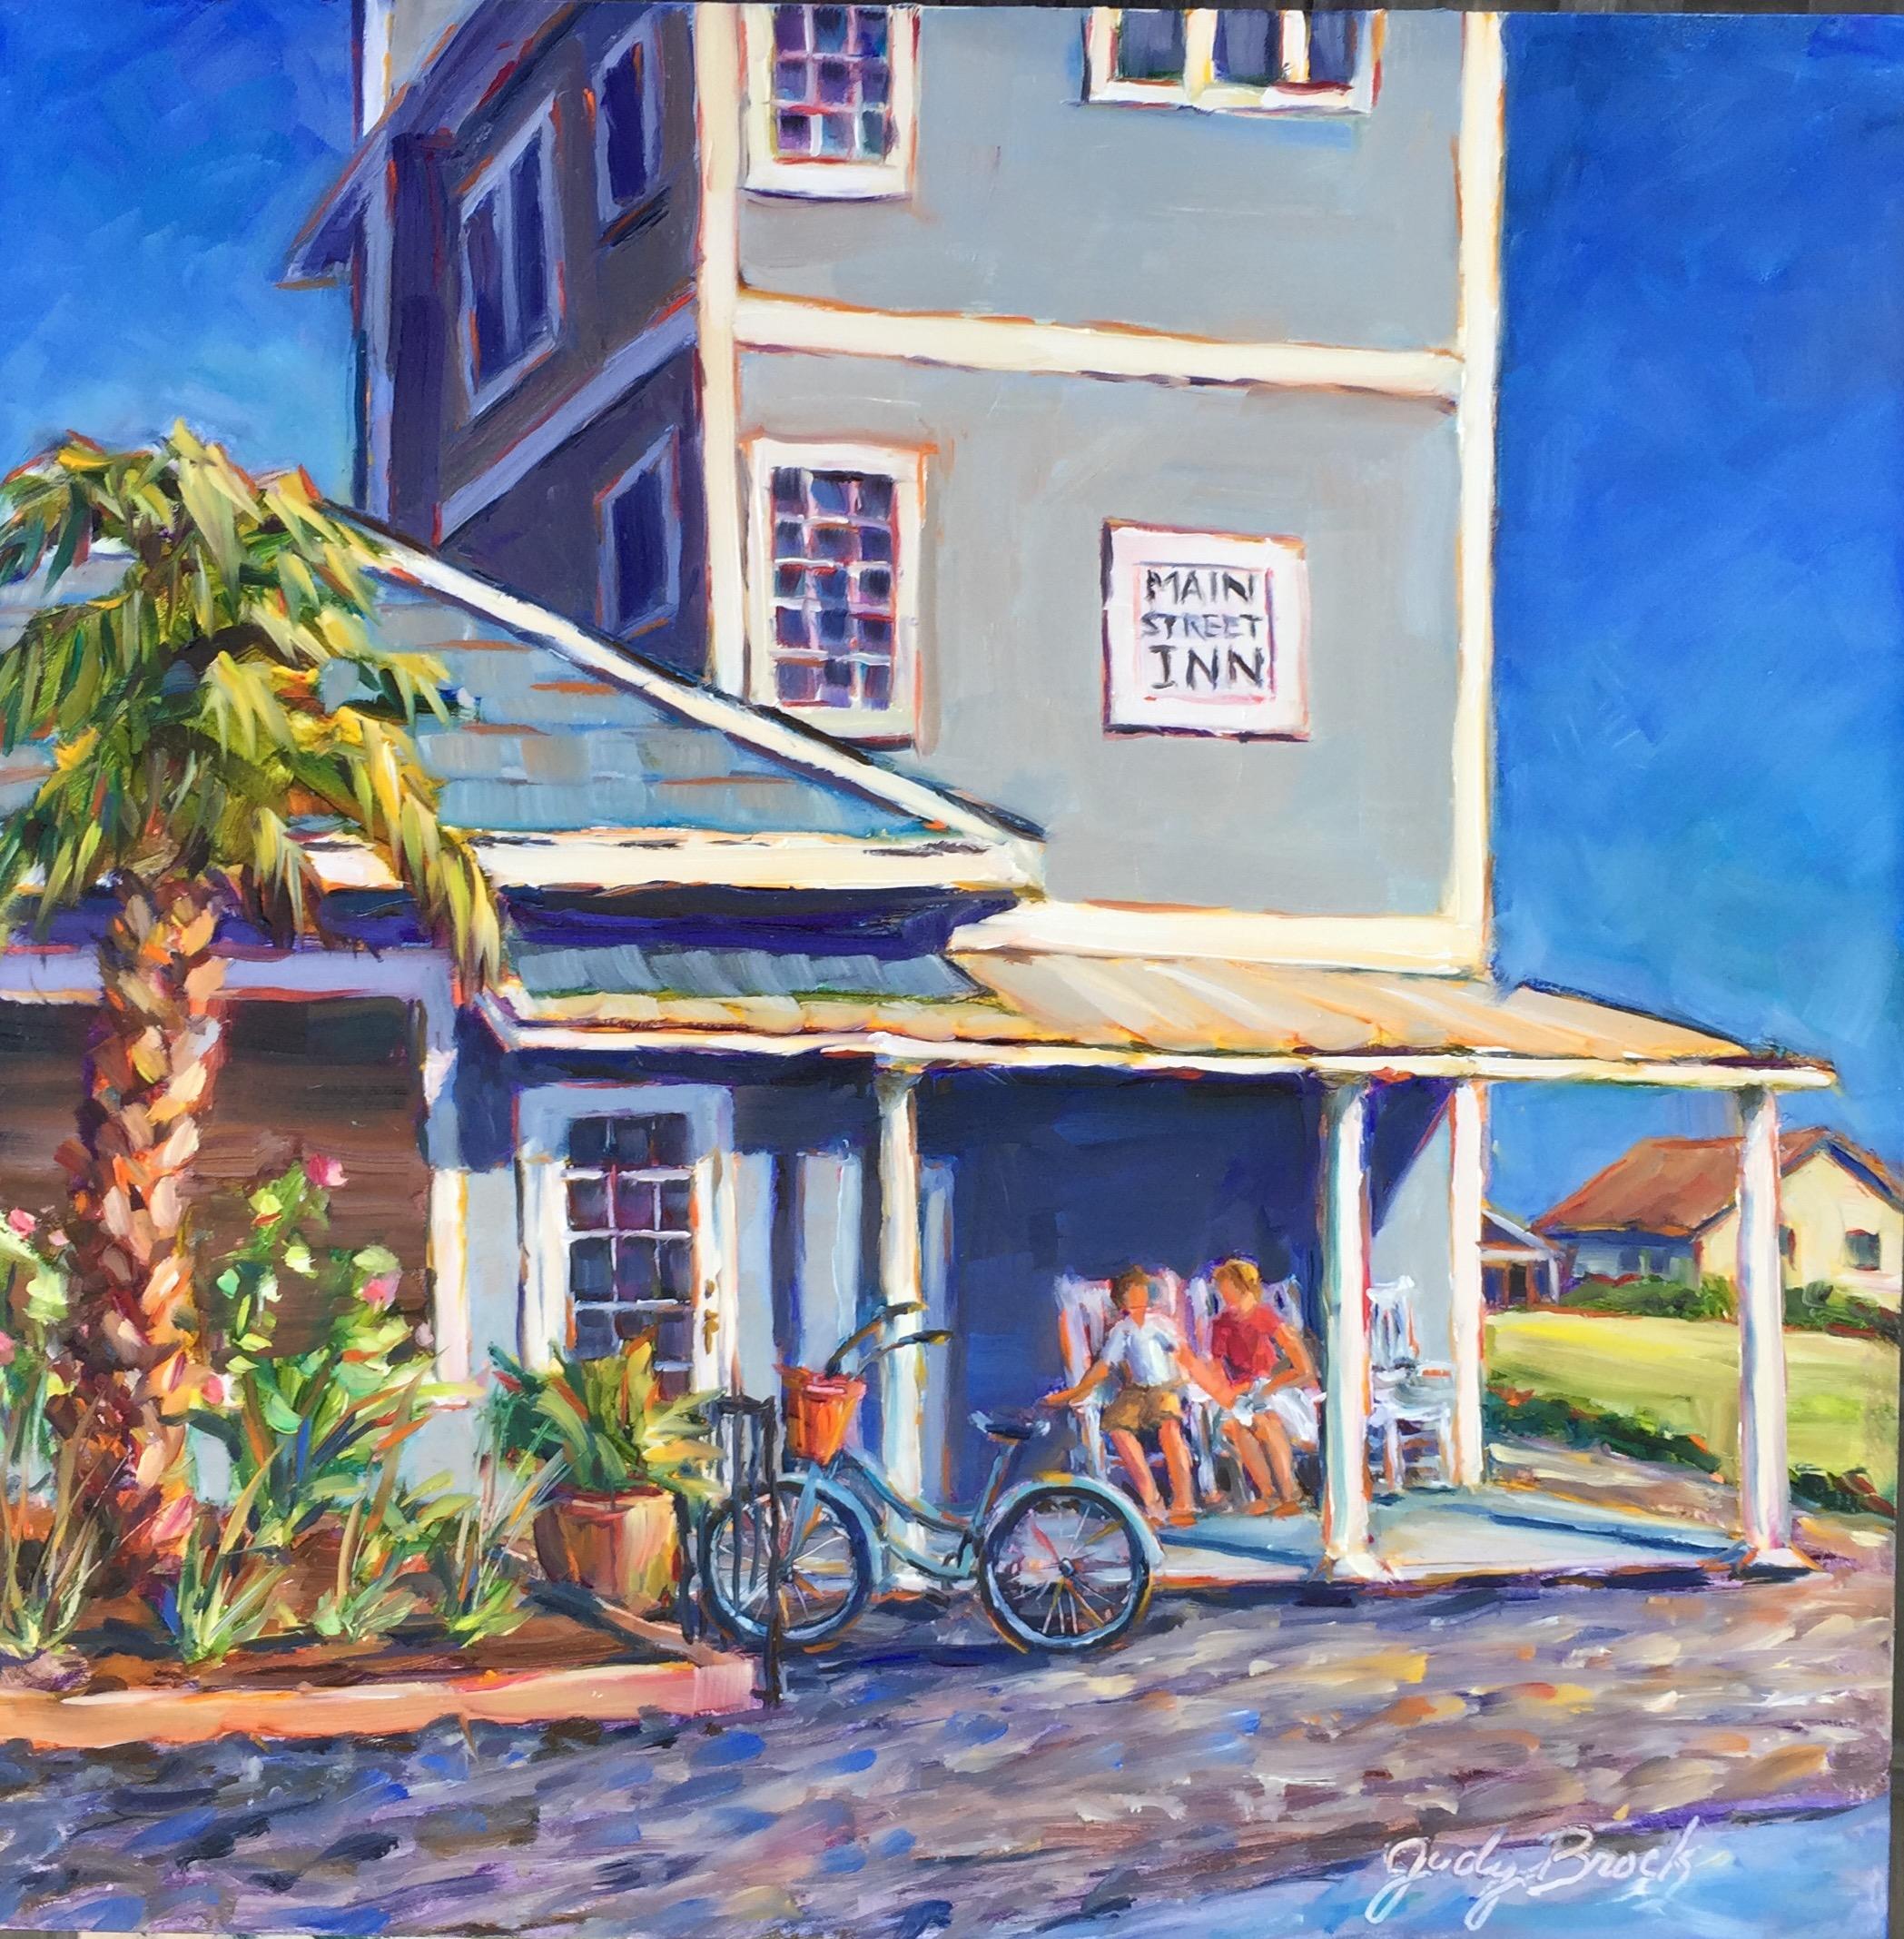 Main Street Inn, Topsail Beach